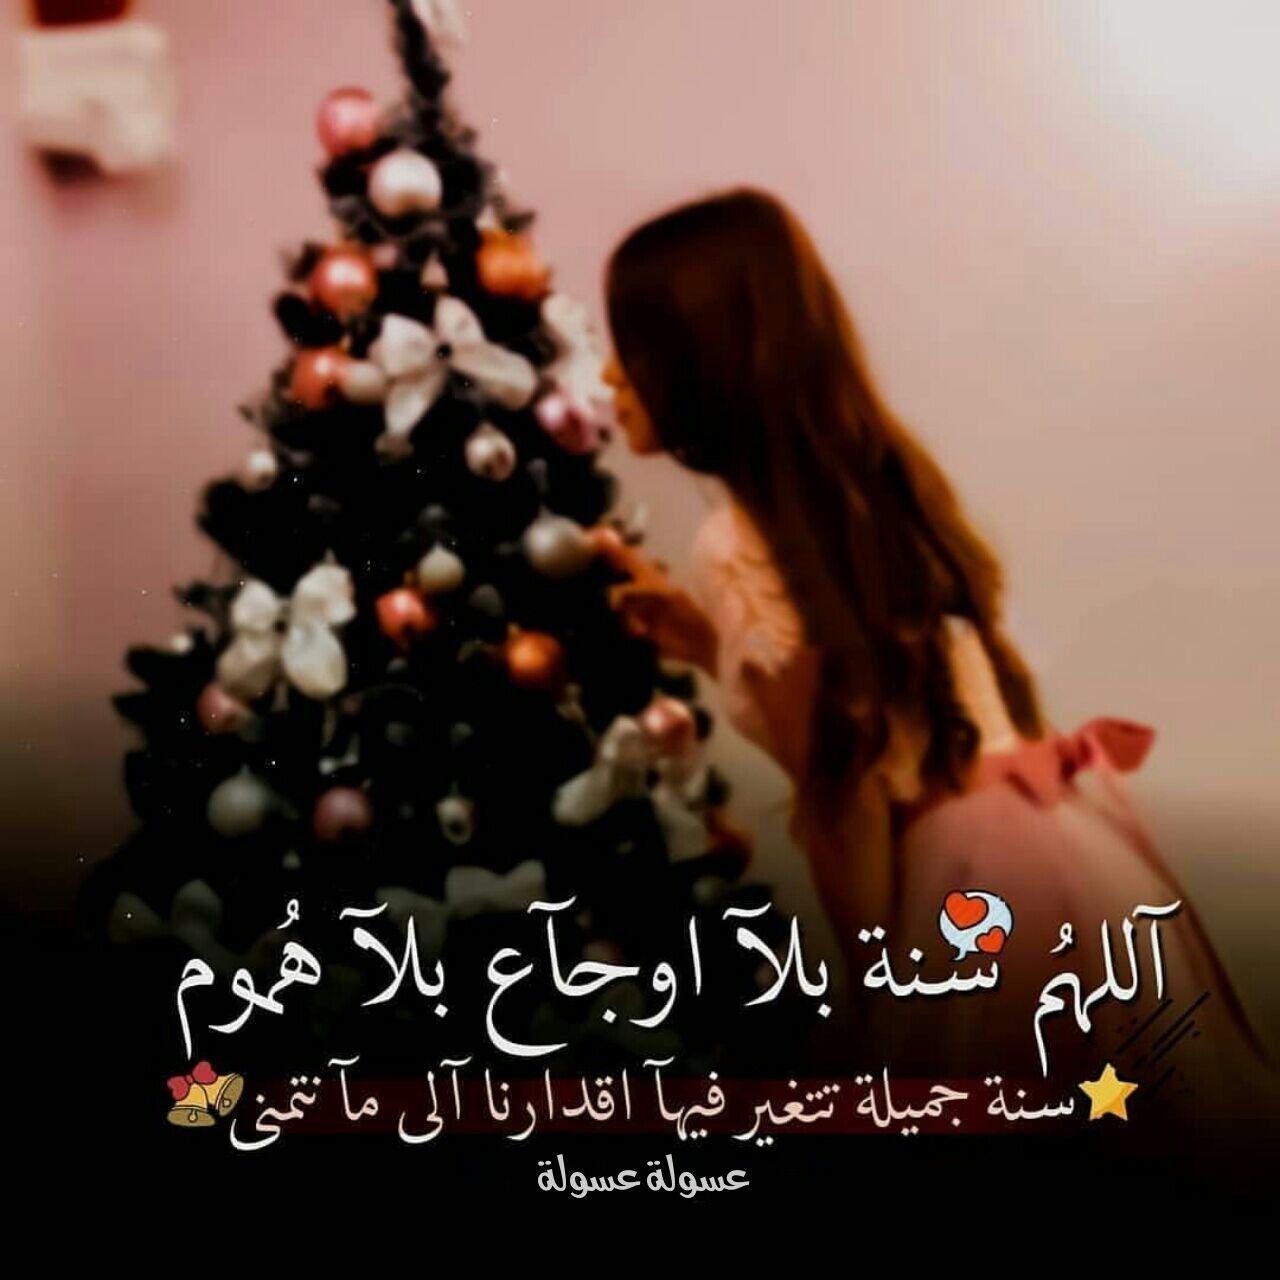 أمنيتي بـ 2020 أن أعيش ألسنة كلها بشعور هذه الاية فرحين بما أتاهم الله من فضله Holiday Decor Holiday Christmas Tree